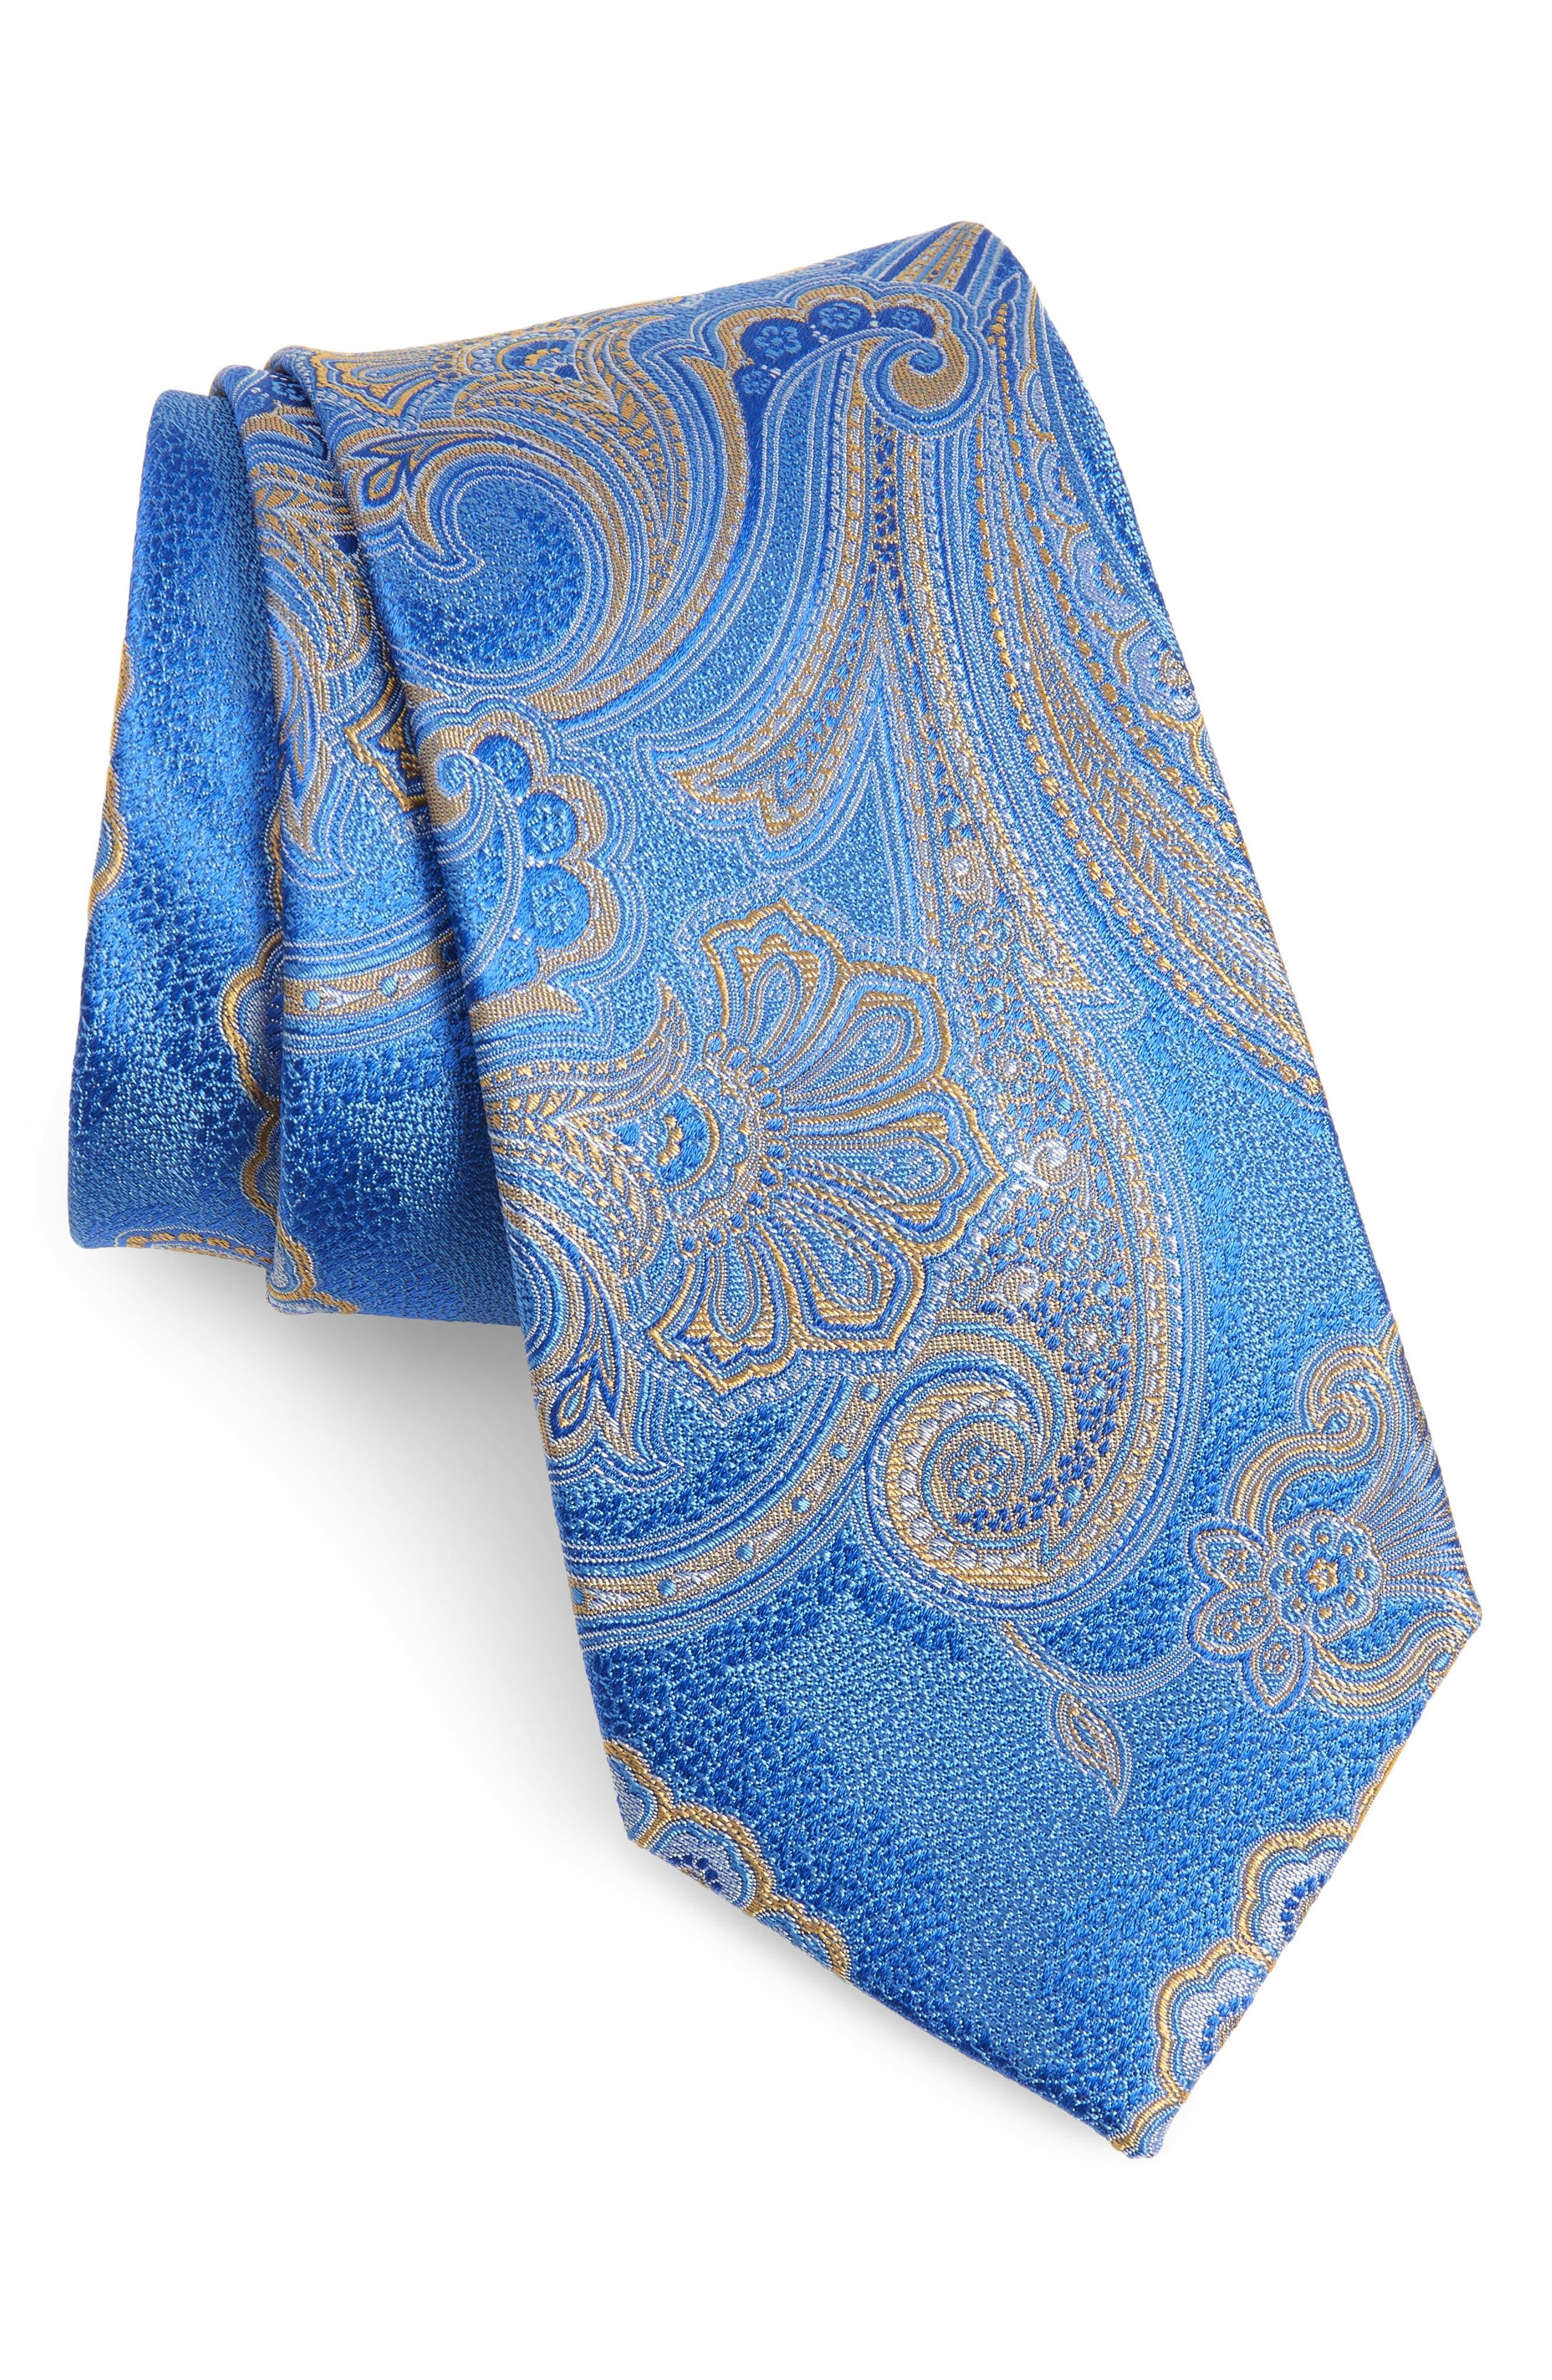 NORDSTROM MEN'S SHOP Meranda Paisley Silk Tie, Main, color, BLUE